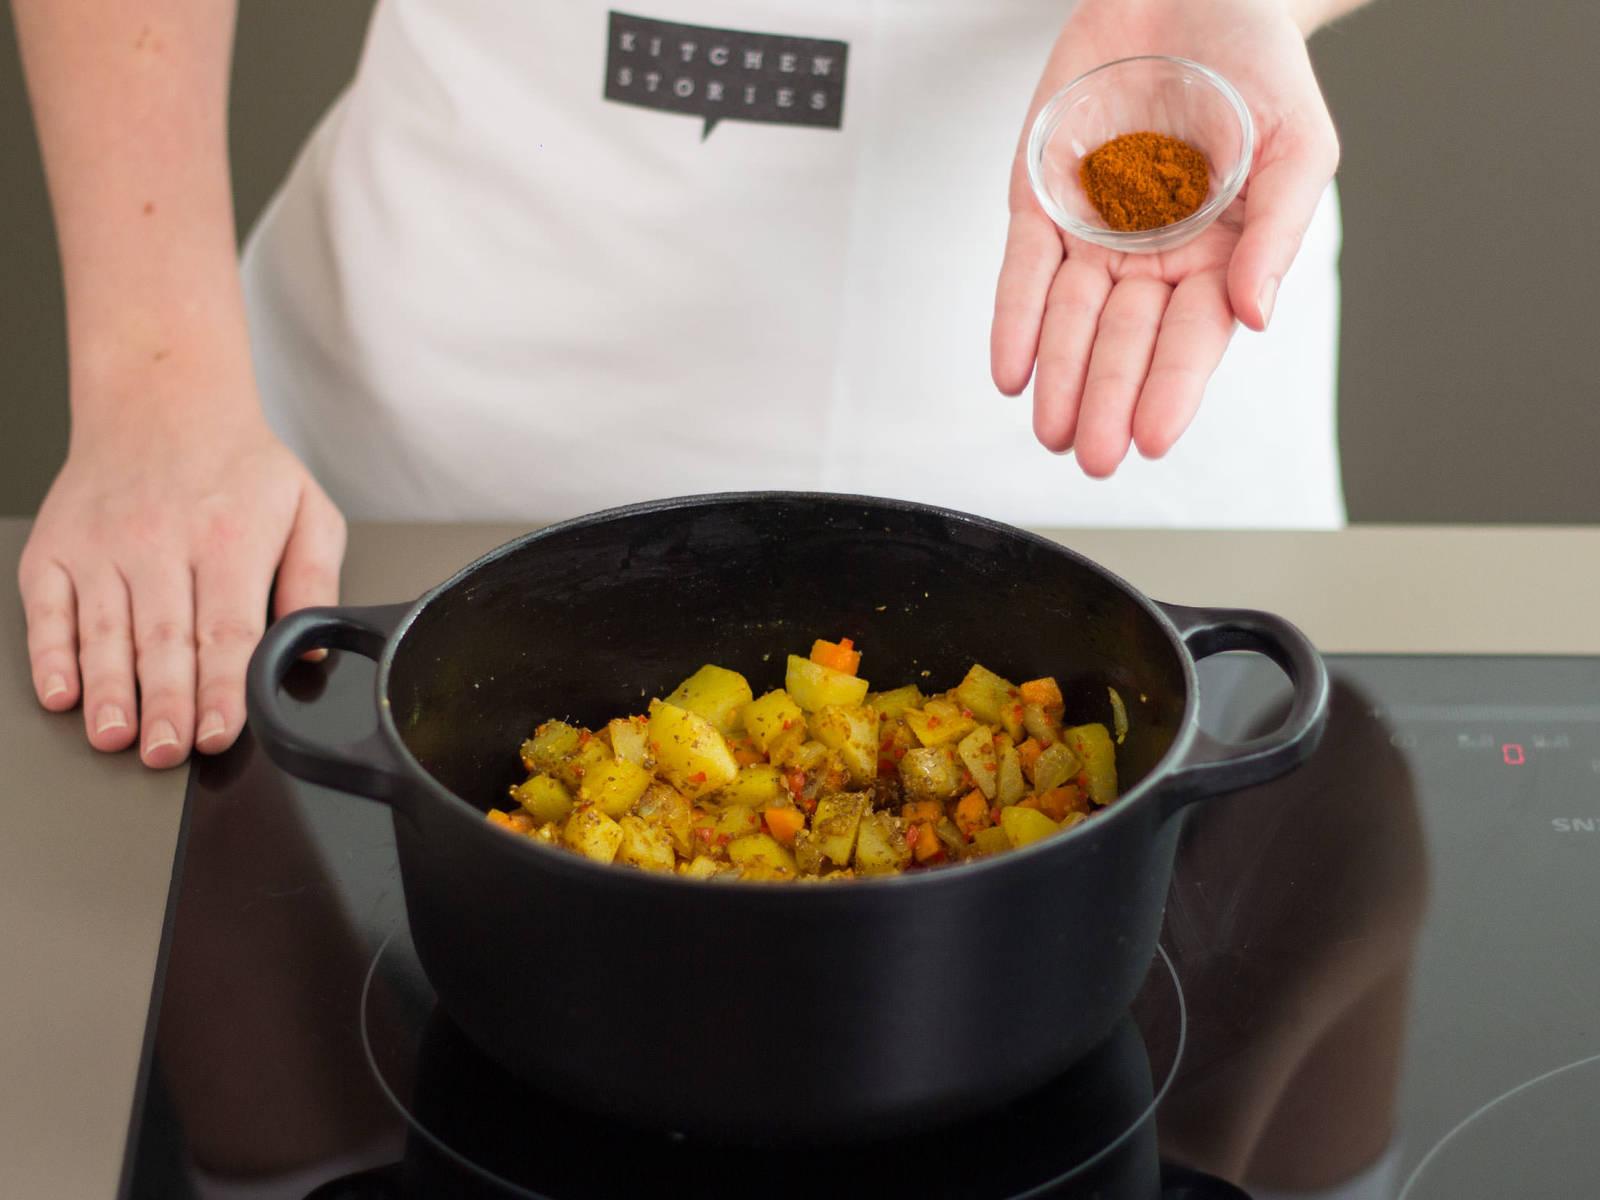 Zwiebeln, Knoblauch, Chili und Ingwer in einem großen Topf bei mittlerer Hitze anbraten. Kartoffeln und Karotten hinzugeben und für weitere ca. 4 - 5 Min. anbraten. Linsen hinzugeben und nochmals für ca. 2 - 3 Min. anbraten. Tomatenmark und Gewürze hinzufügen, konstant umrühren und alles für weitere 1 - 2 Min. anbraten.